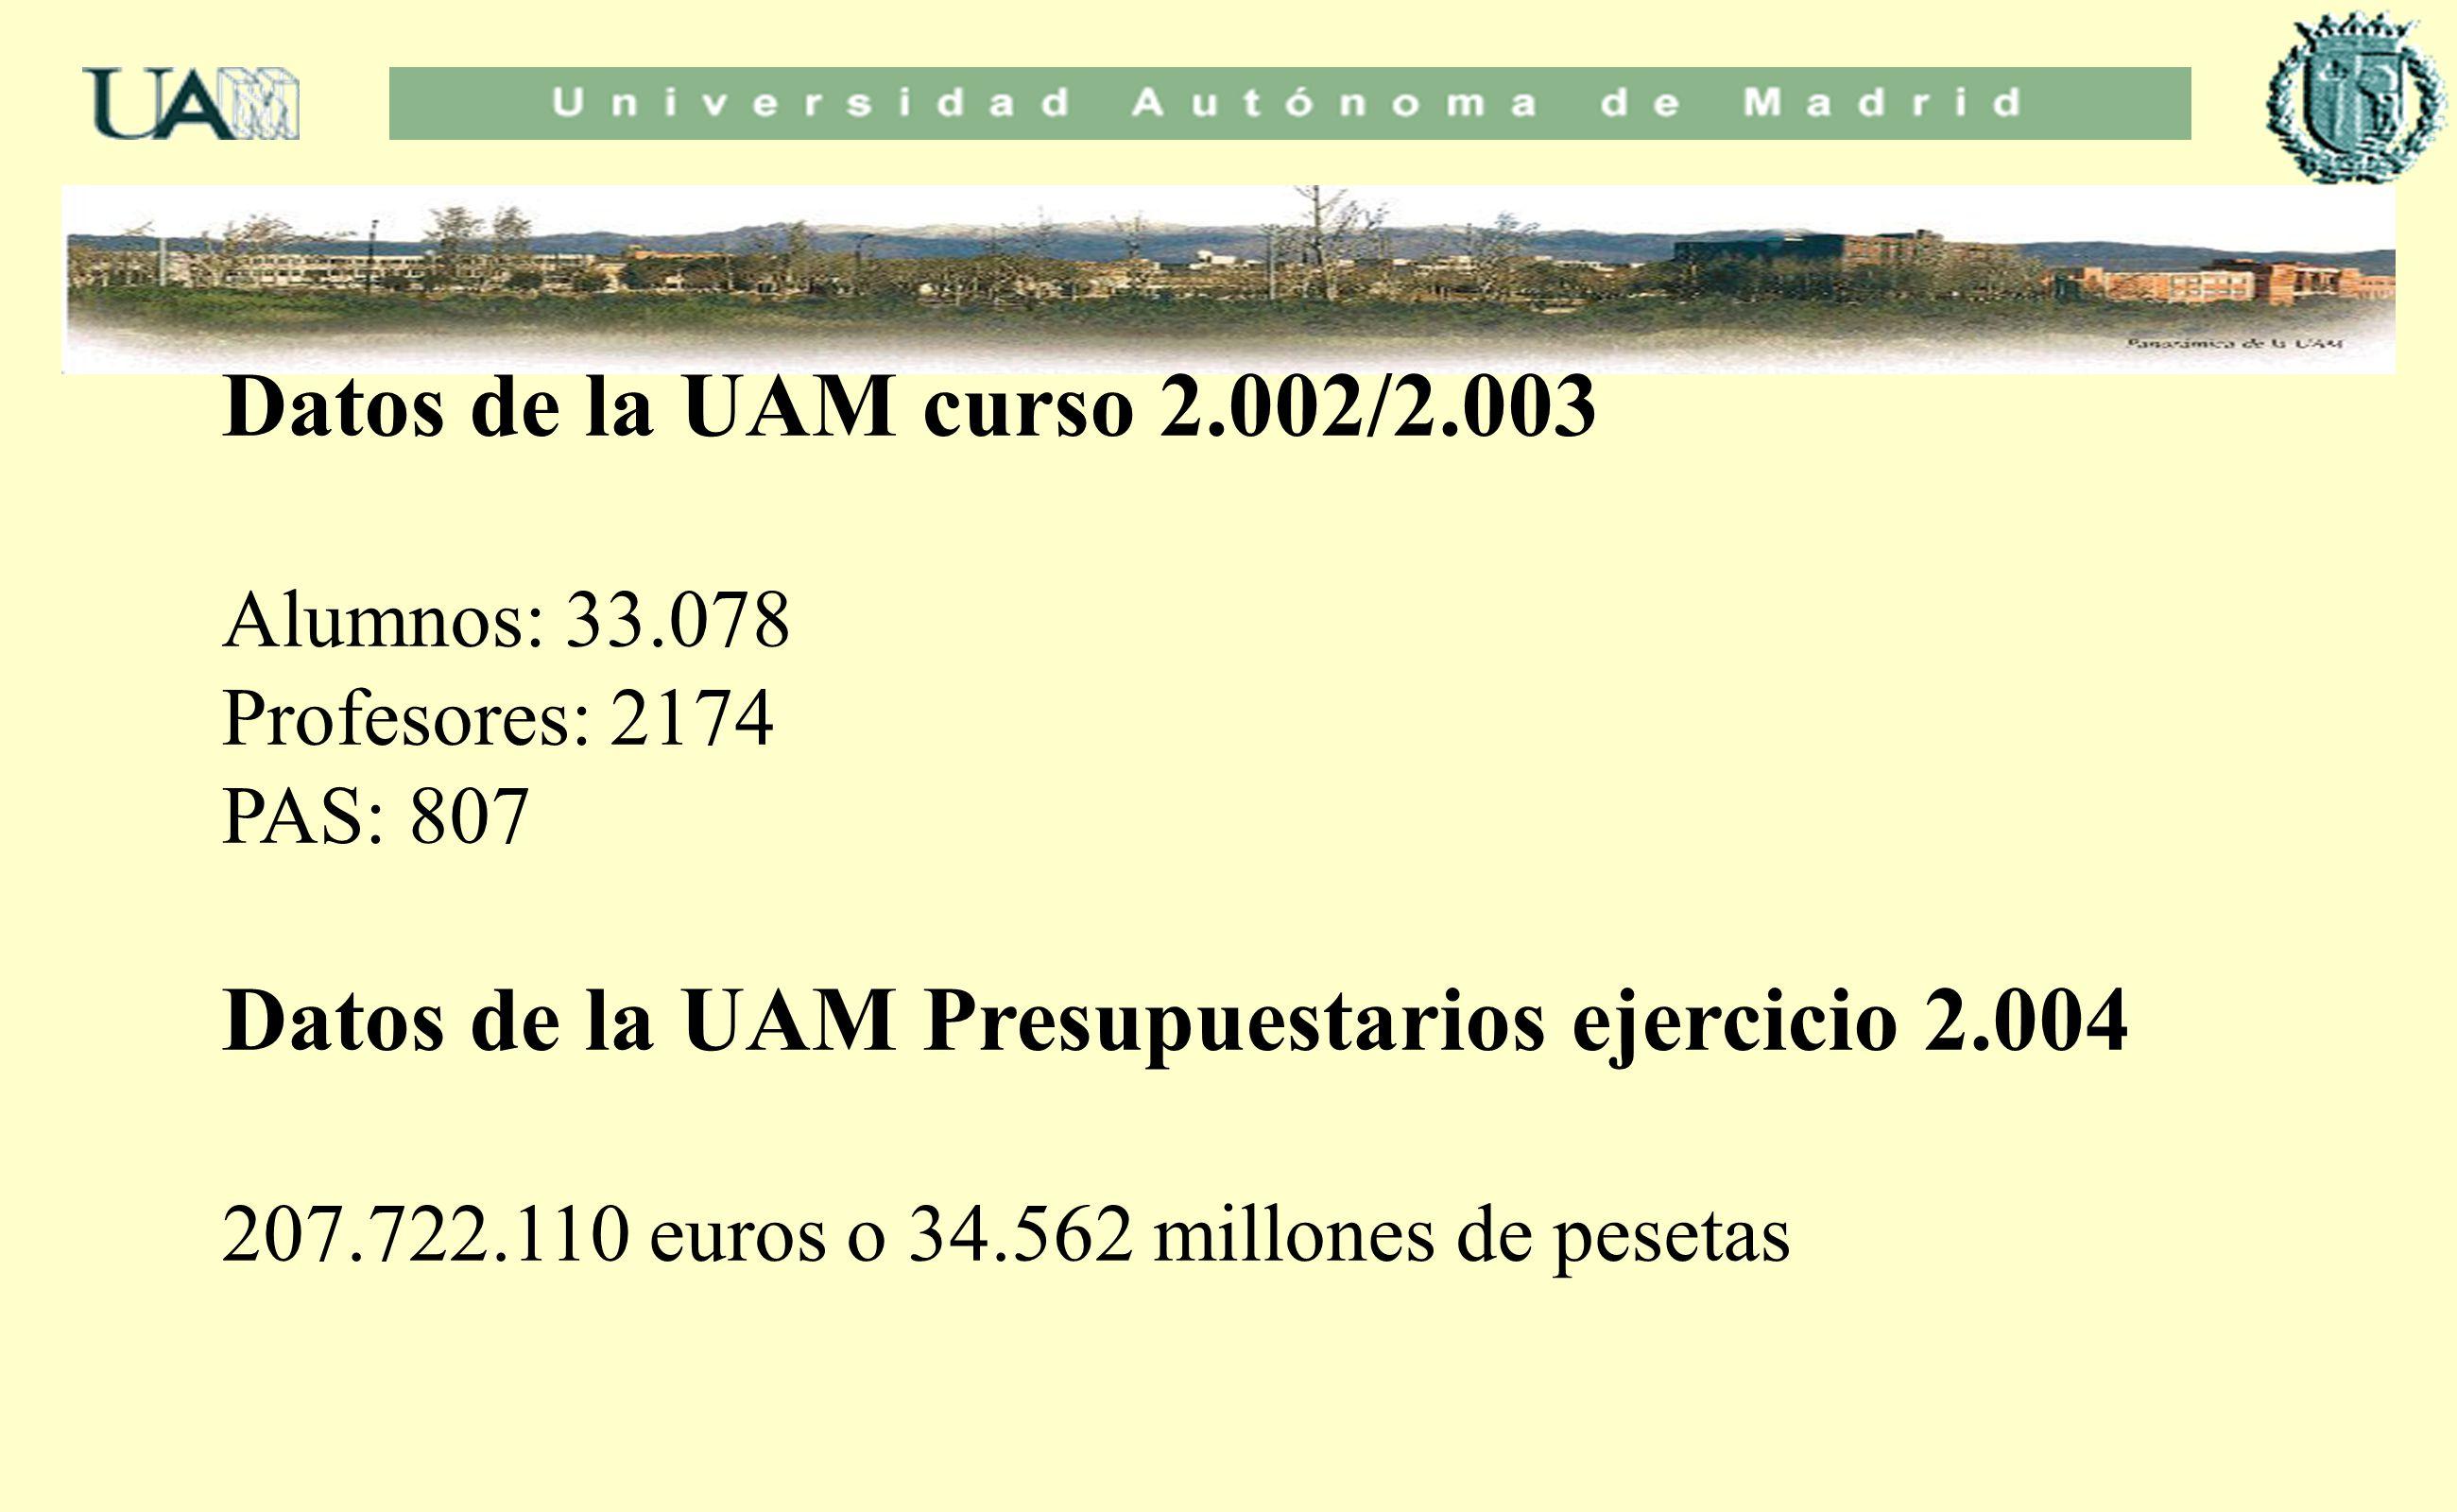 Datos de la UAM Presupuestarios ejercicio 2.004